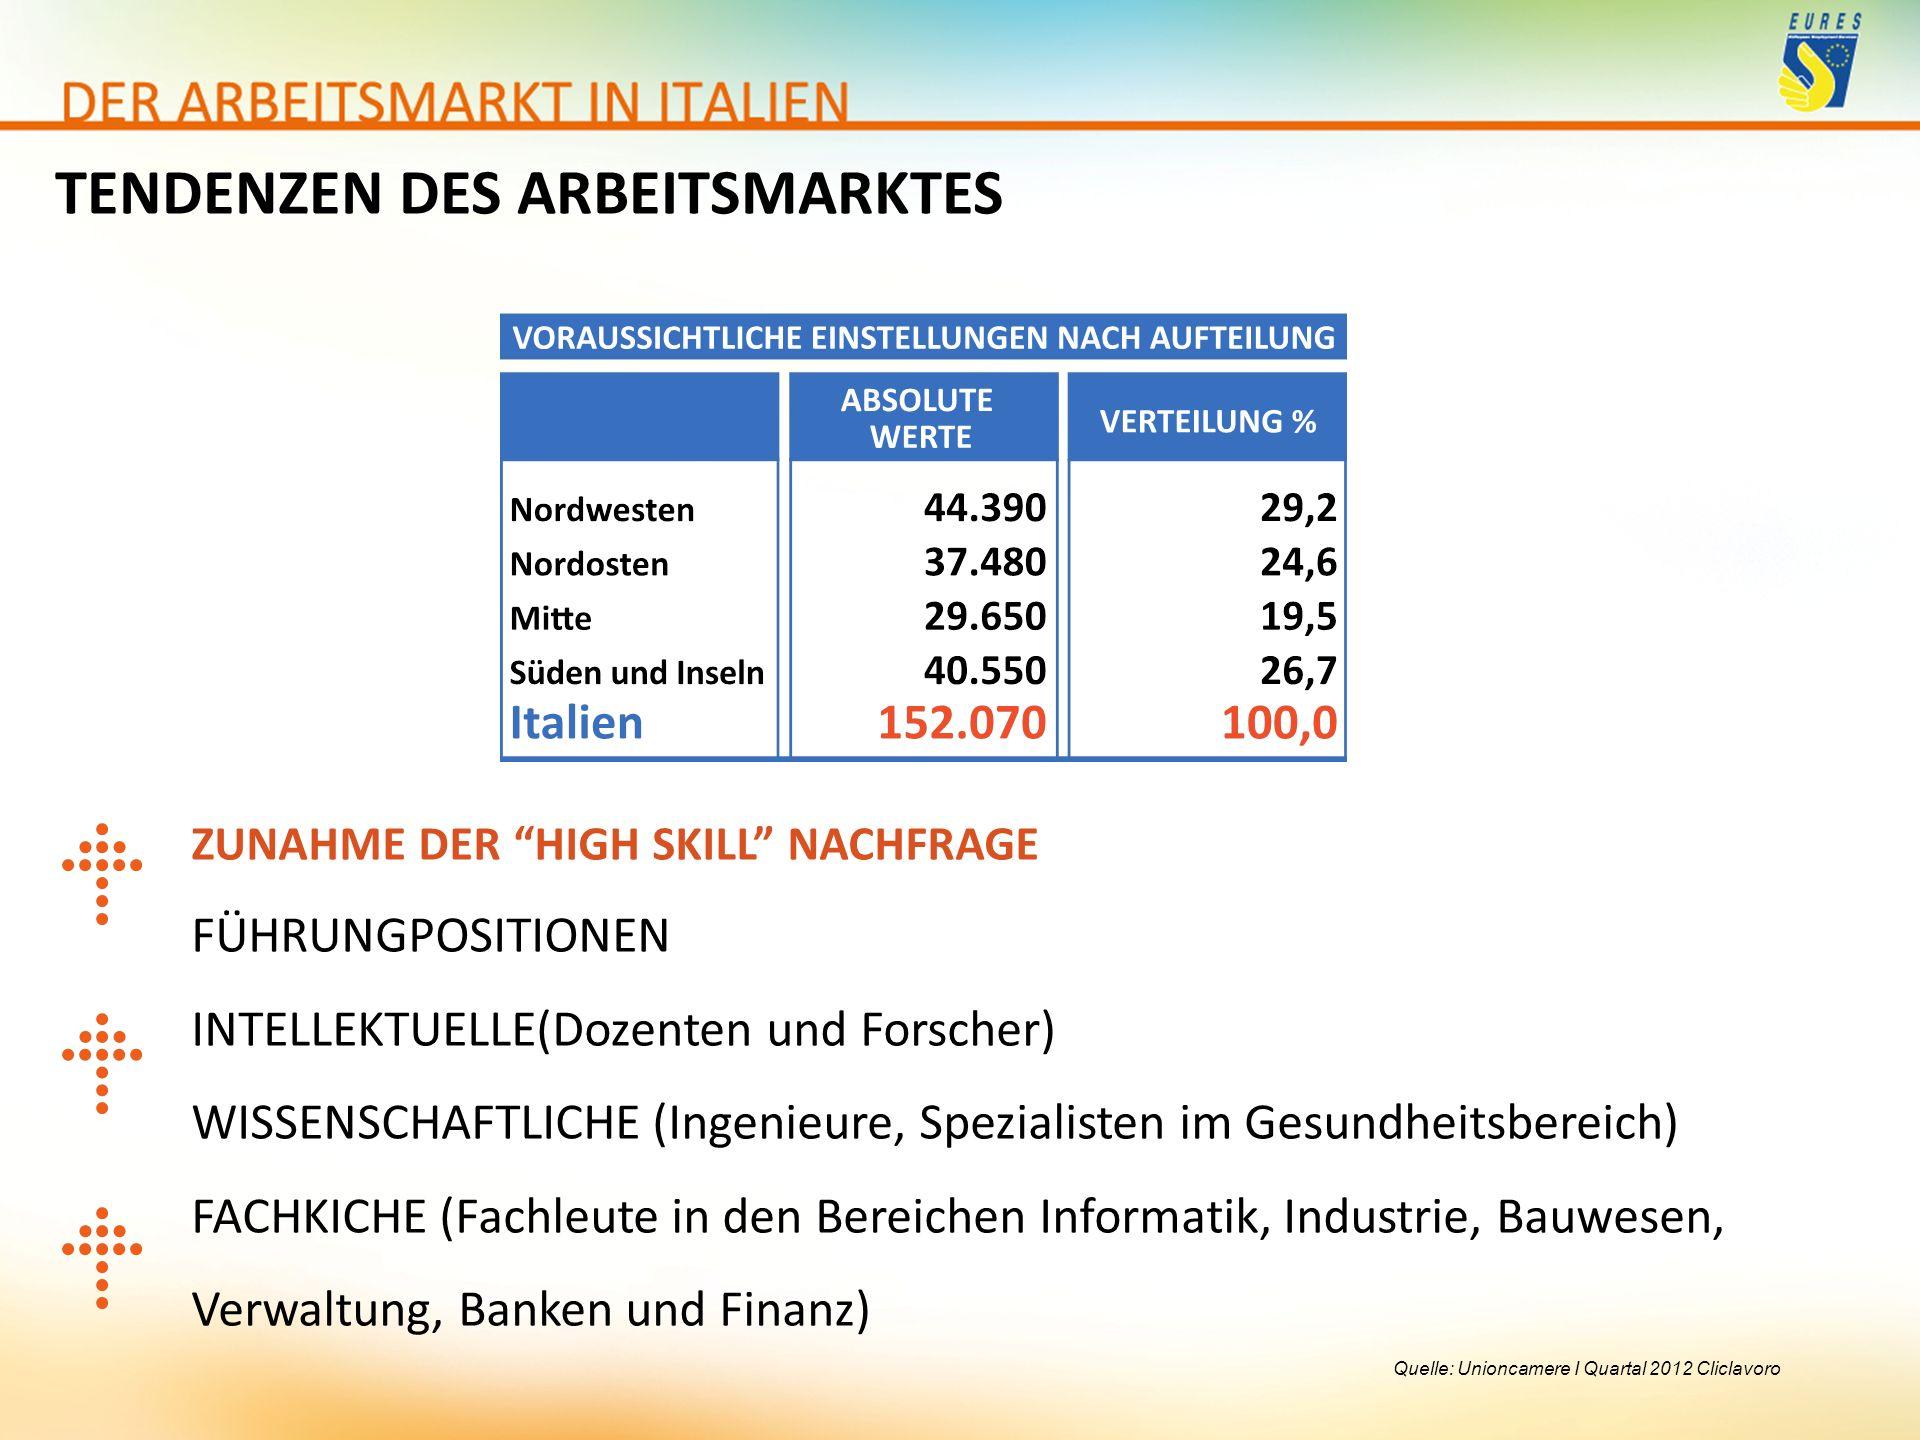 Schön Beispiel Lebenslauf Für Frisch Diplomierte Ingenieur Galerie ...